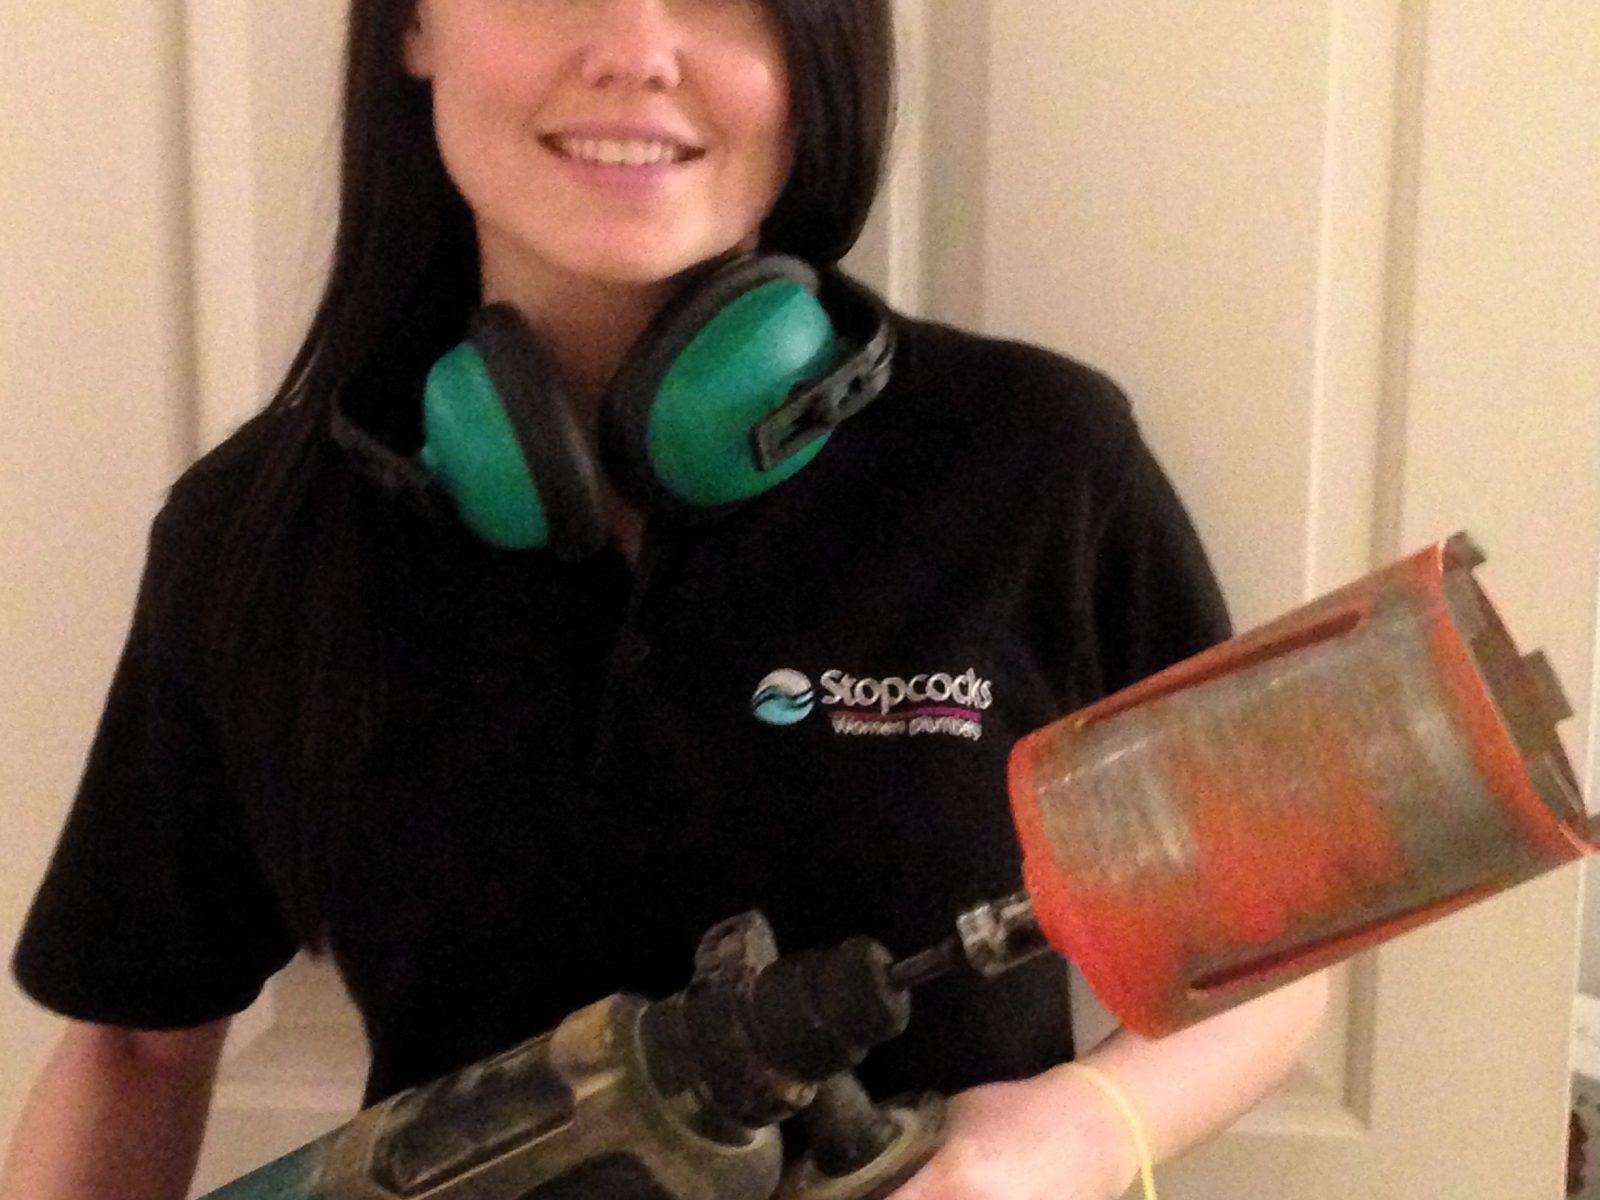 plumber women